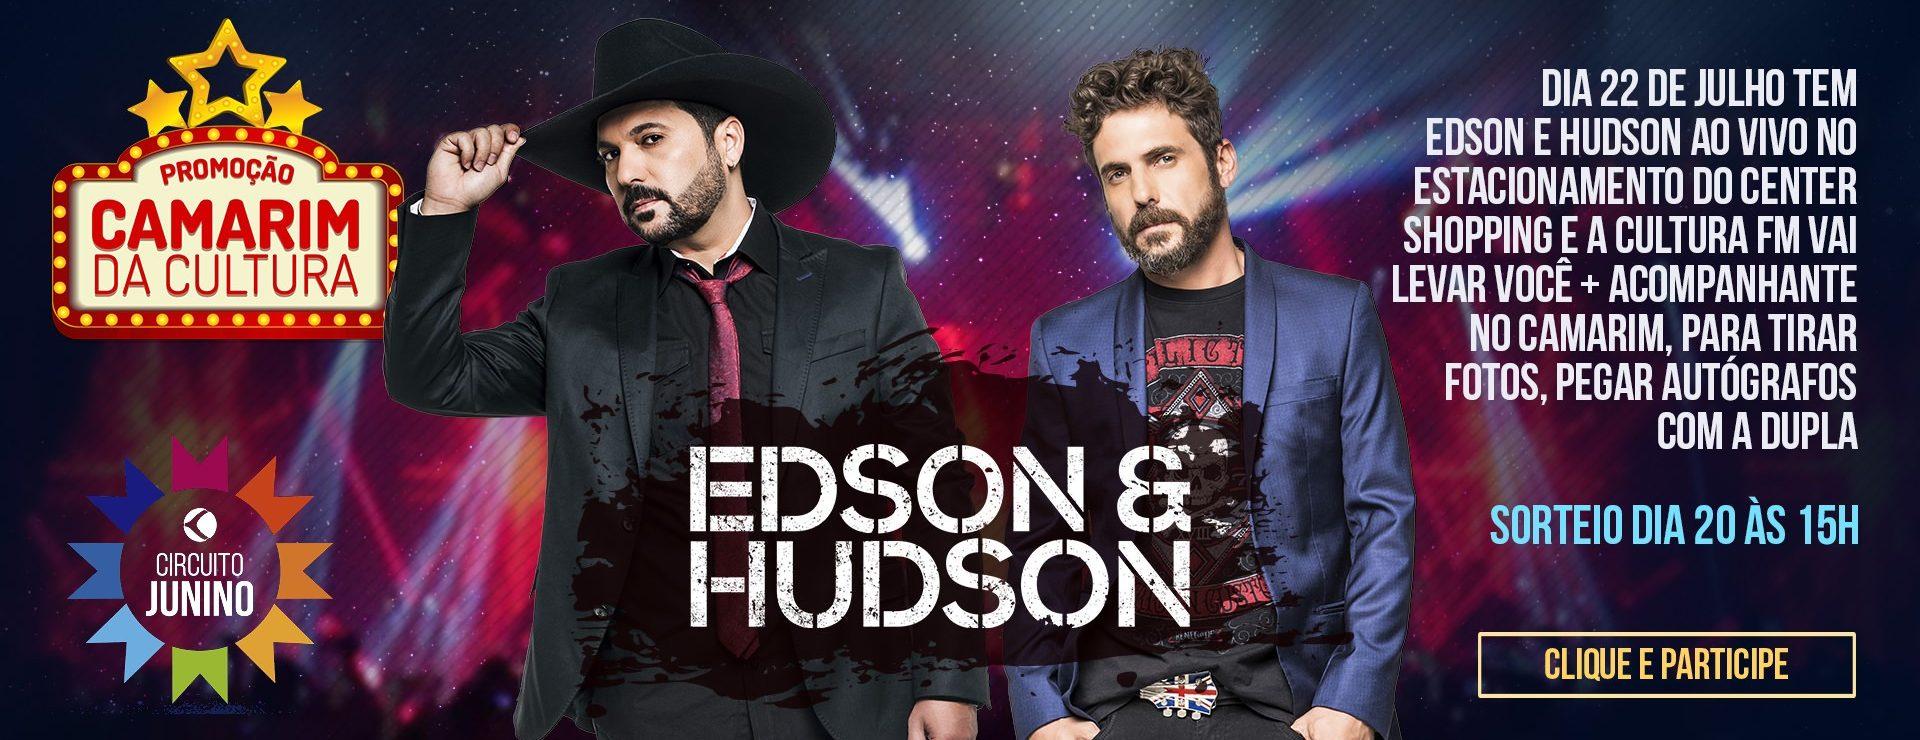 Camarim da Cultura Edson e Hudson